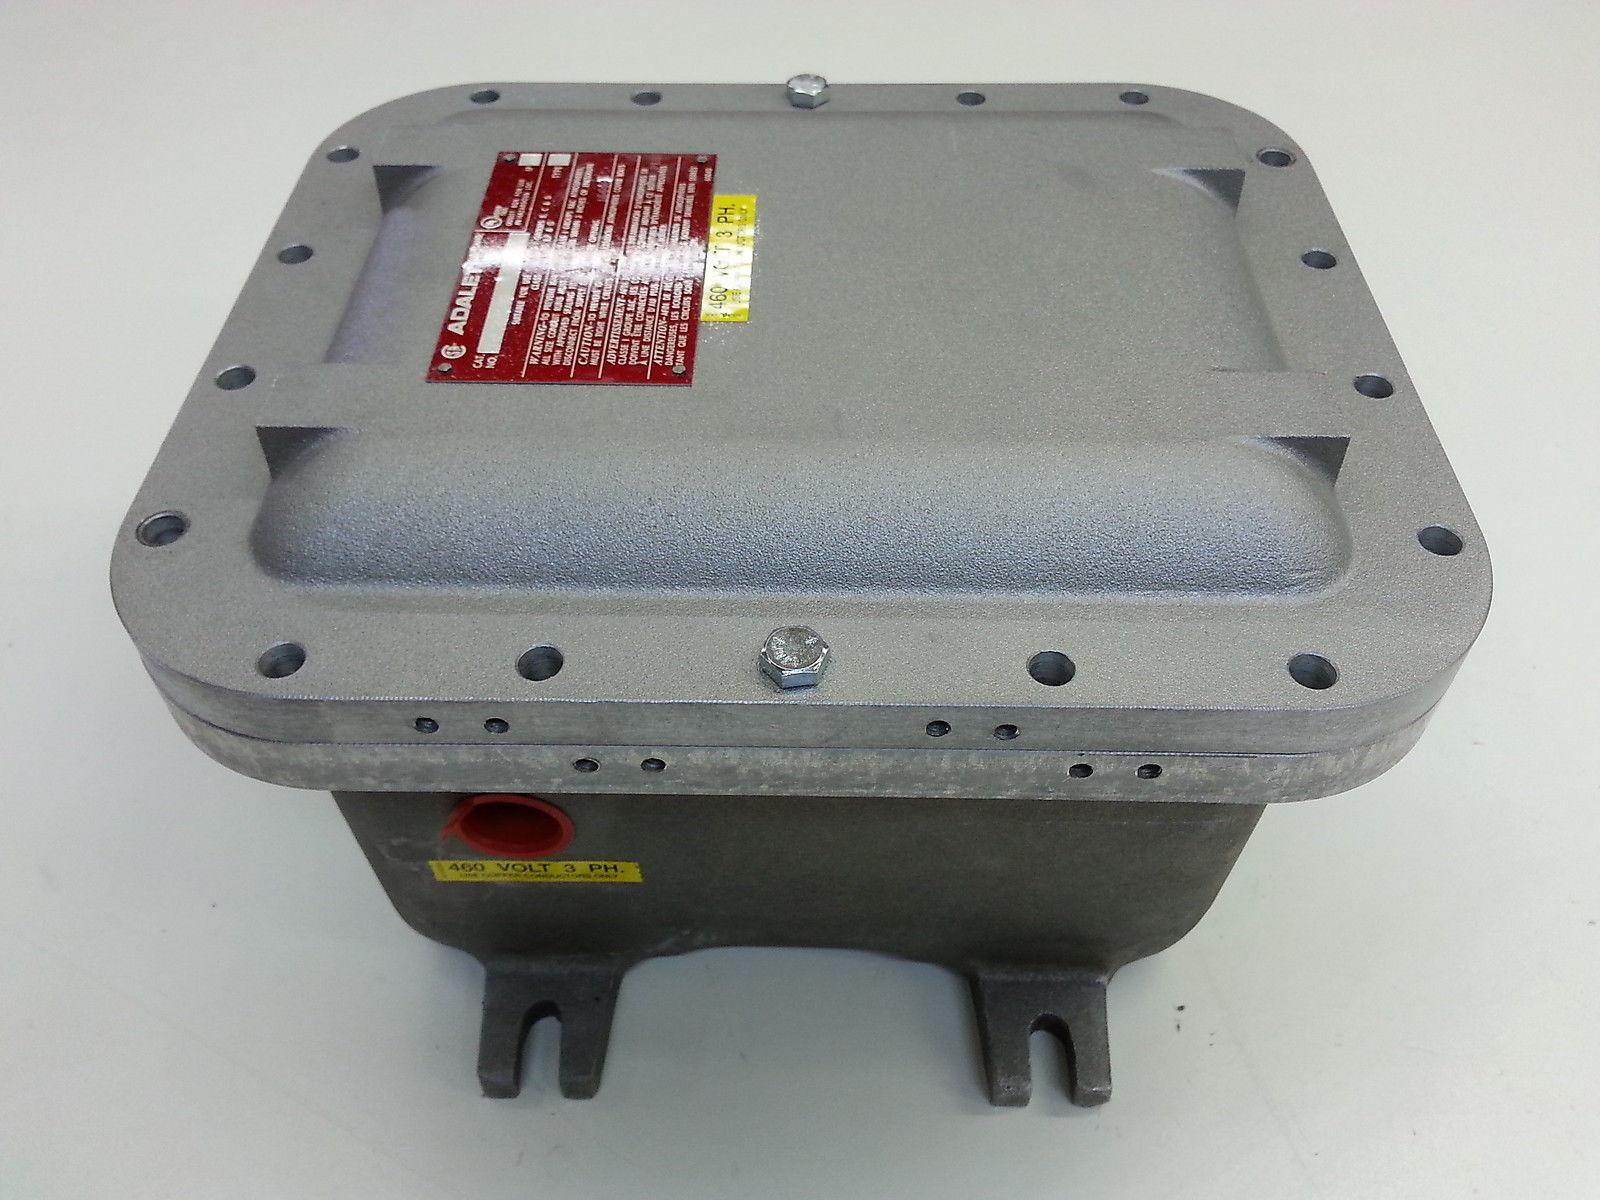 Adalet xjf 081006 explosion proof motor starter 460v 3 for 3 phase motor starter